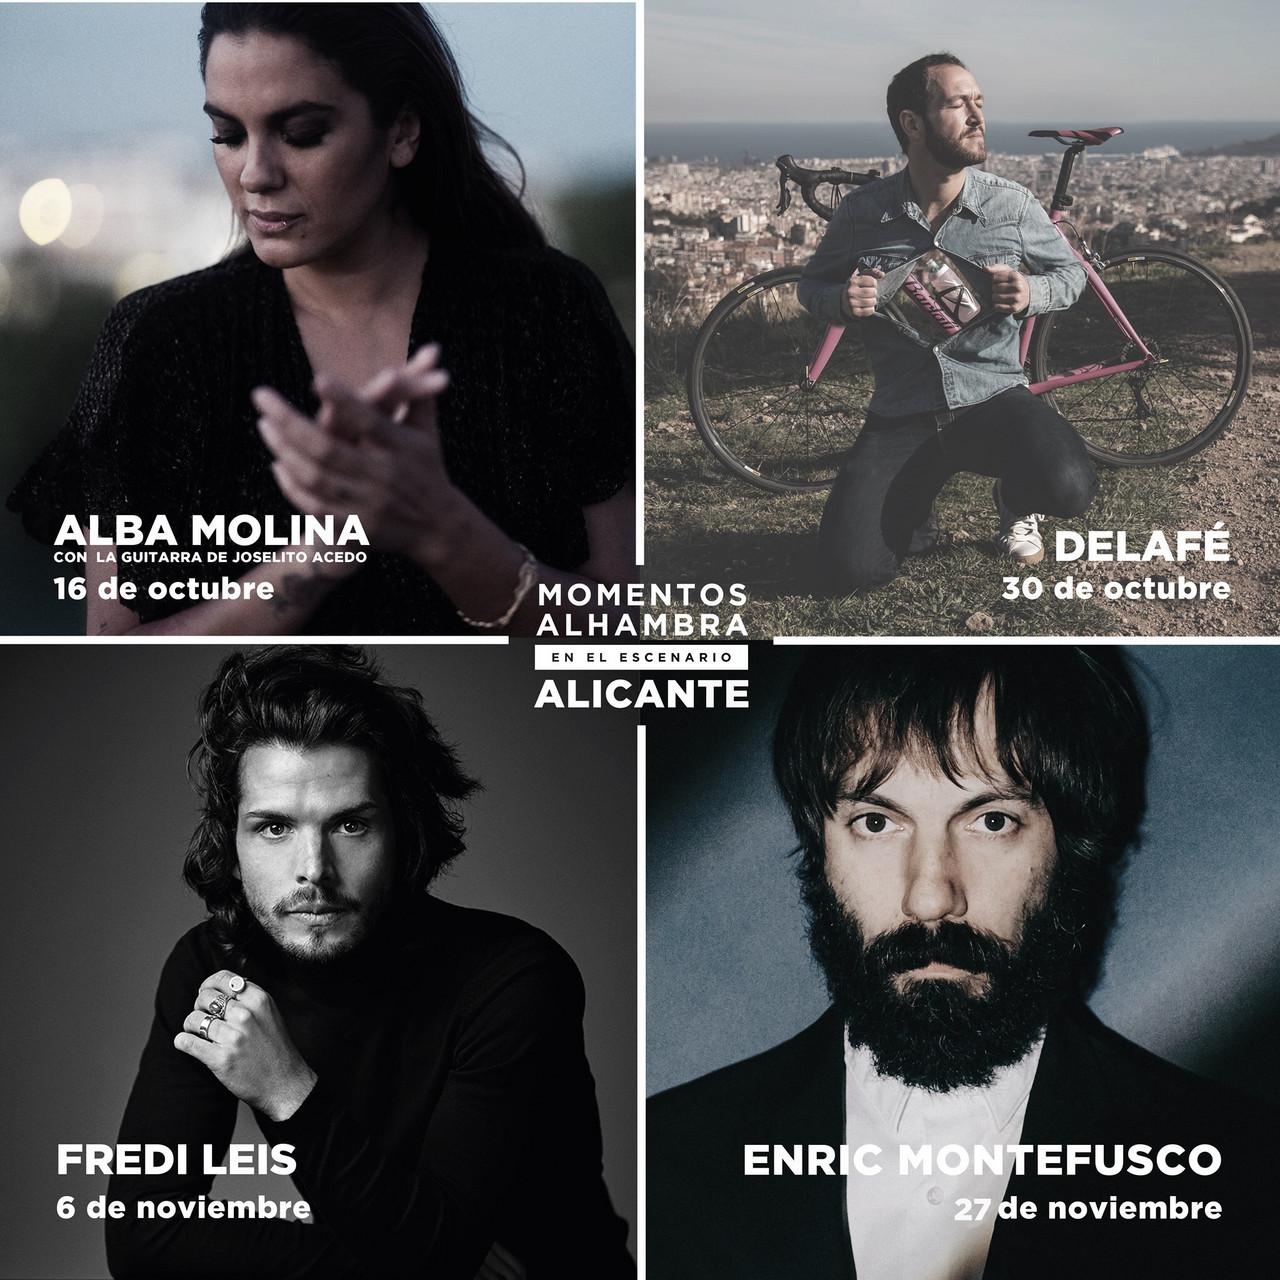 El ciclo de conciertos Momentos Alhambra En El Escenario vuelve al Teatro Principal de Alicante